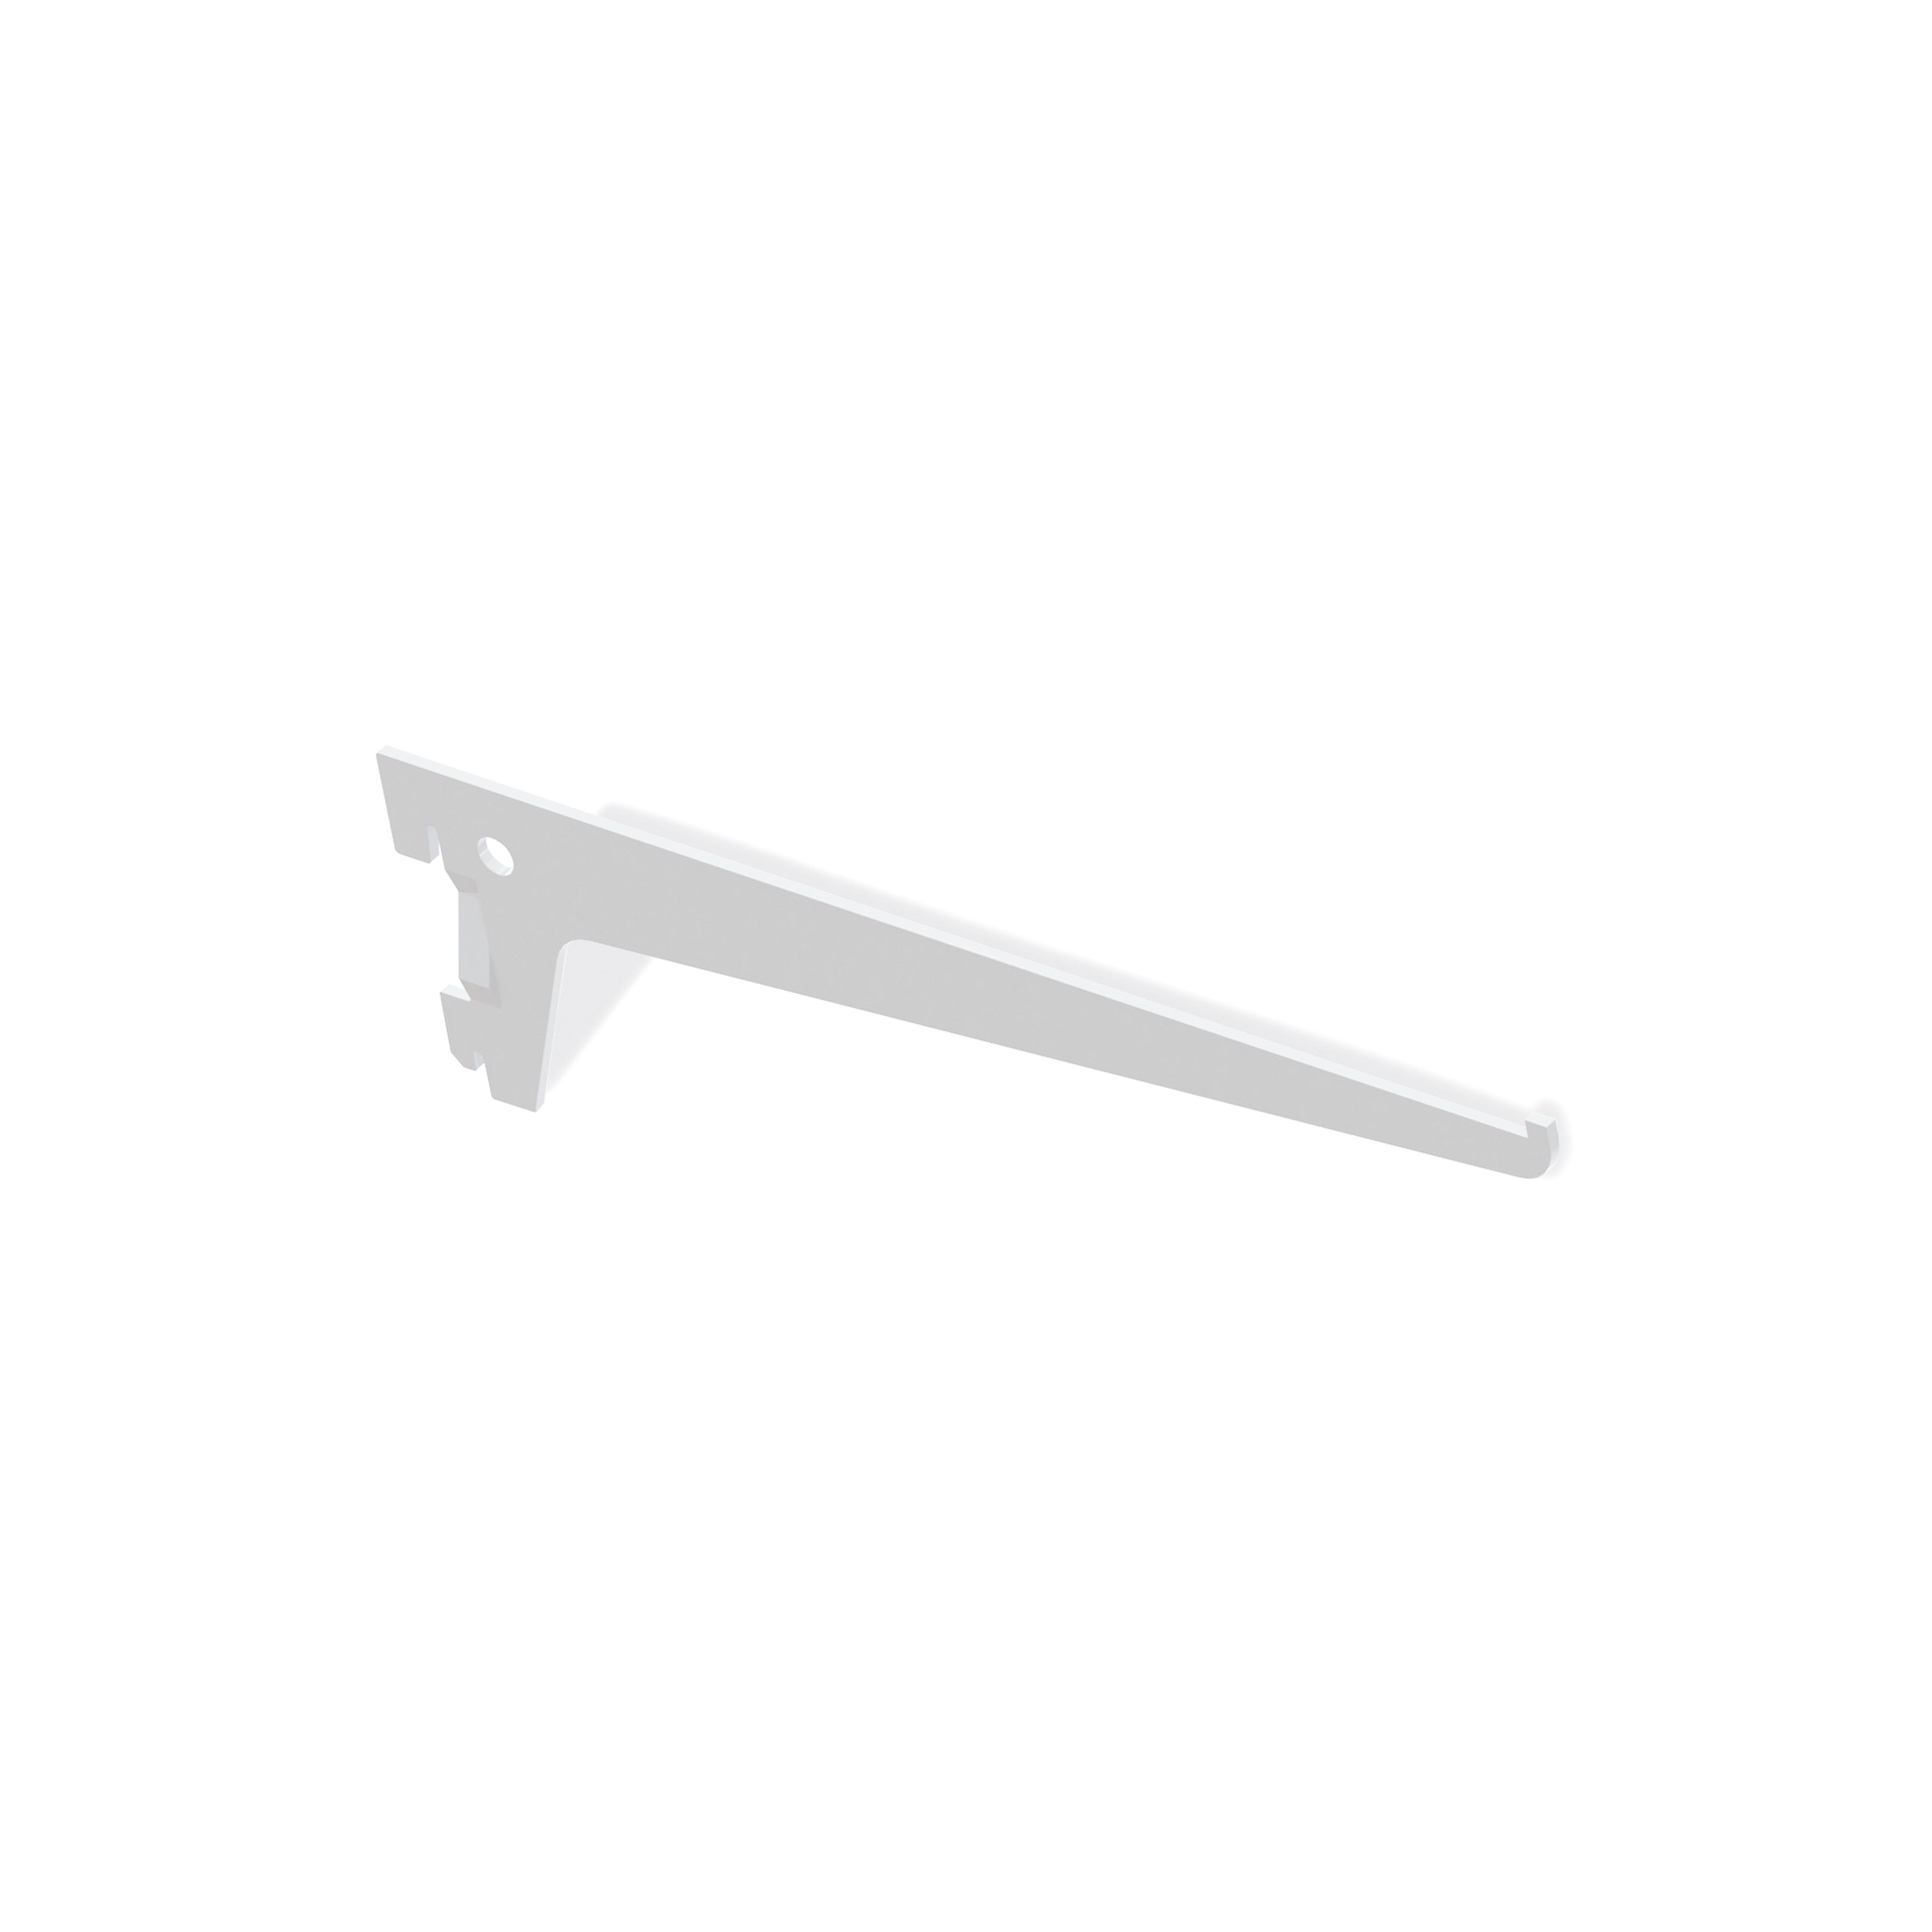 Emuca Supporto per ripiano di legno/vetro, profilo a passo 50 mm, 200 mm, Acciaio, Bianco